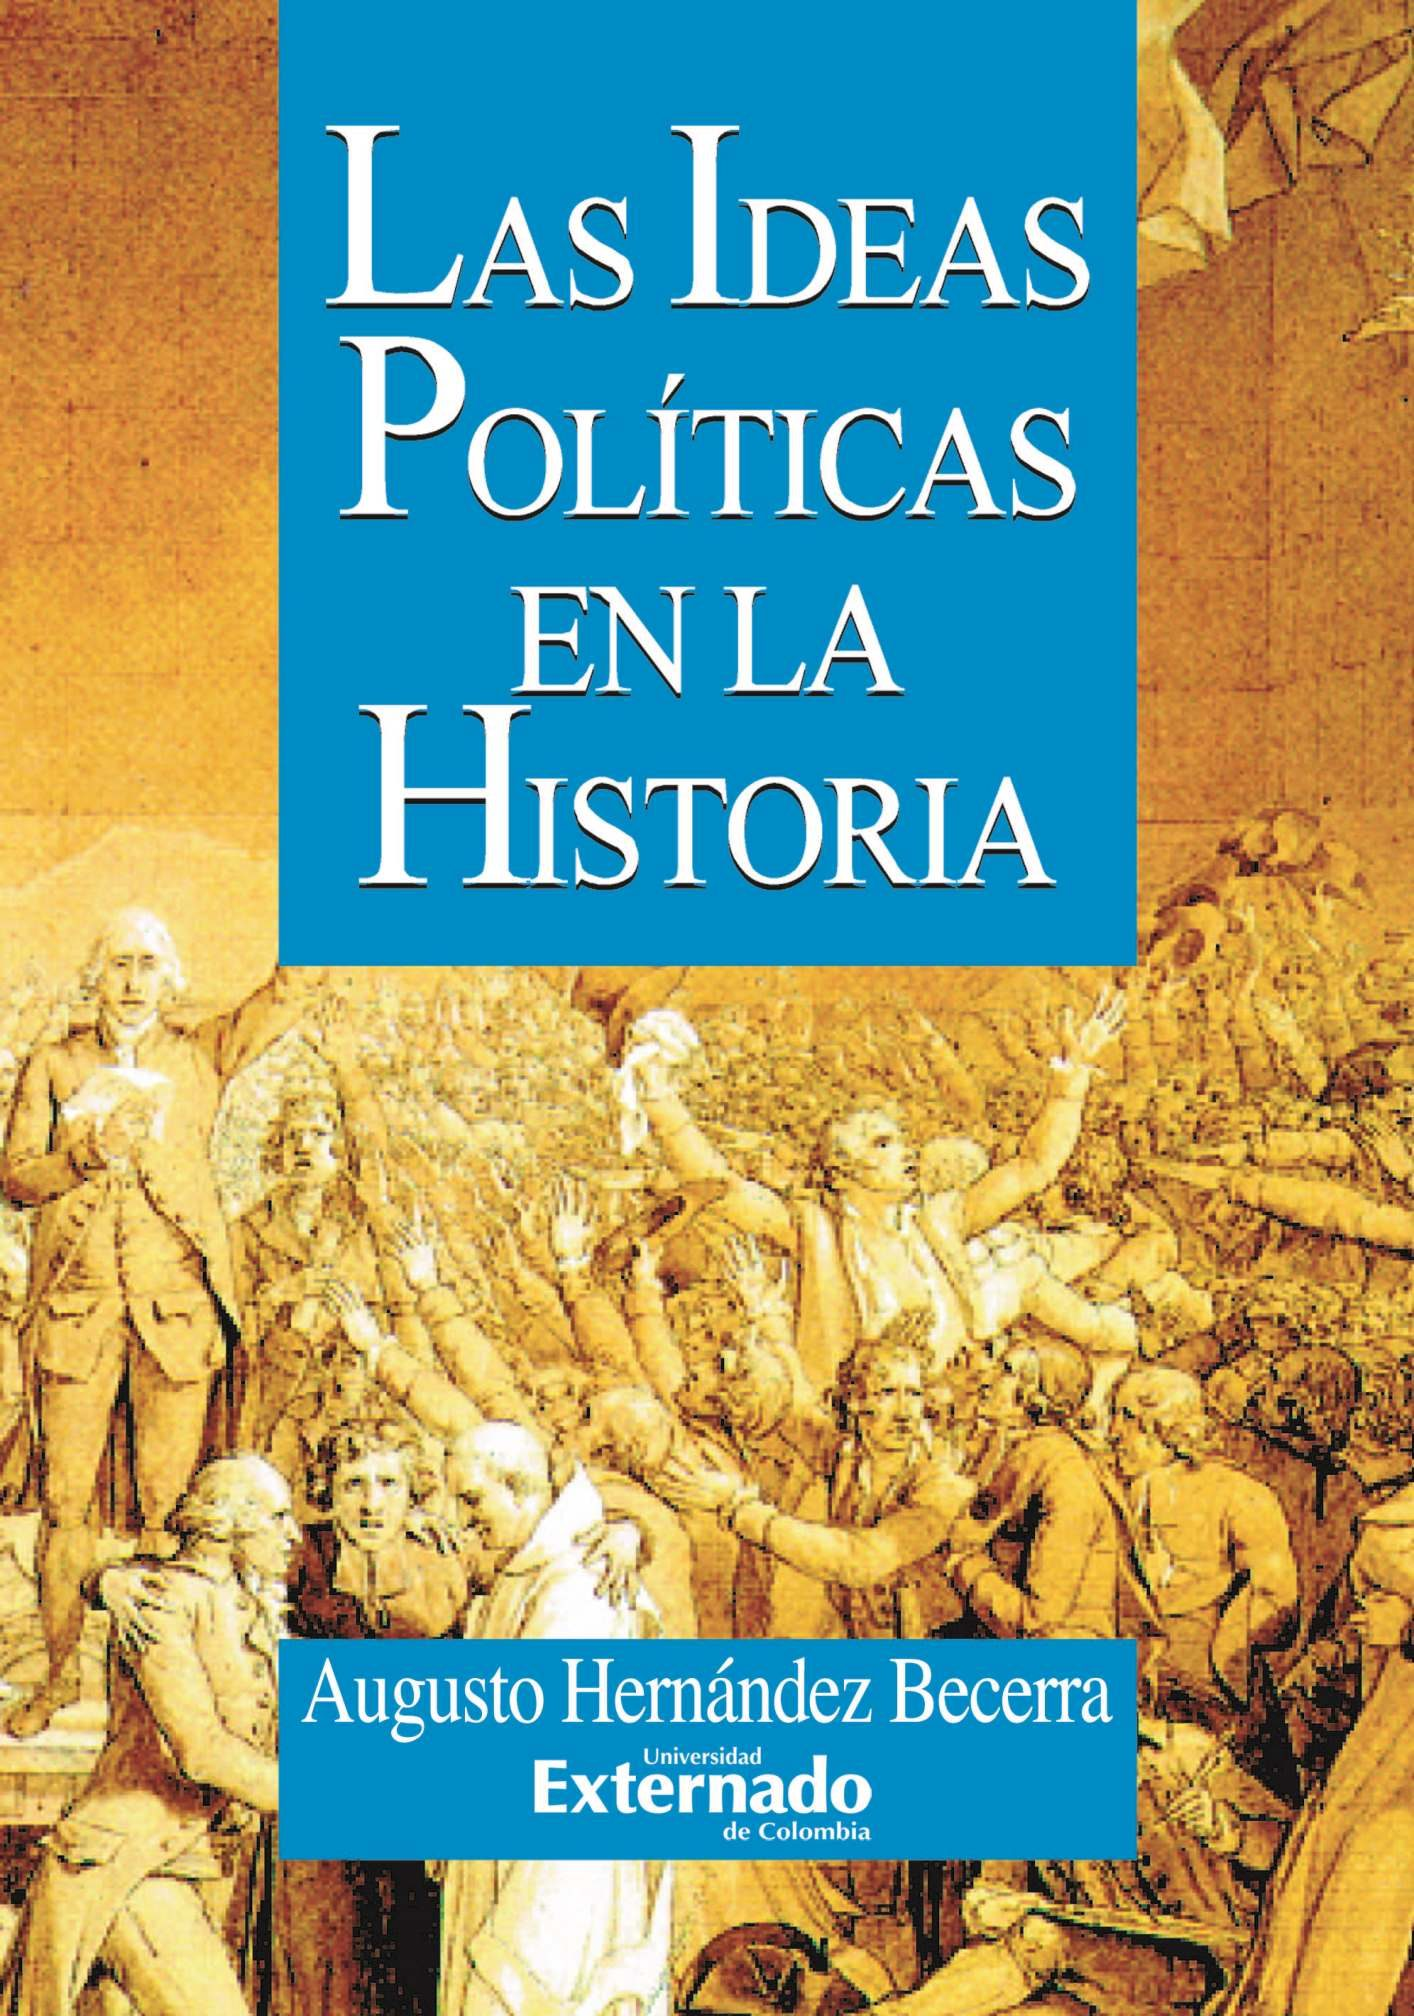 LAS IDEAS POLÍTICAS EN LA HISTORIA (EBOOK)